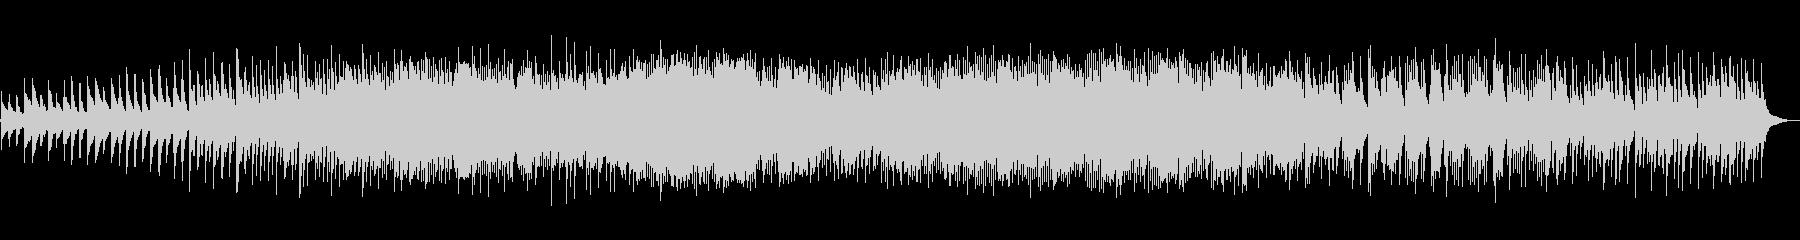 パッヘルベルのカノン、和風、琴ver.の未再生の波形